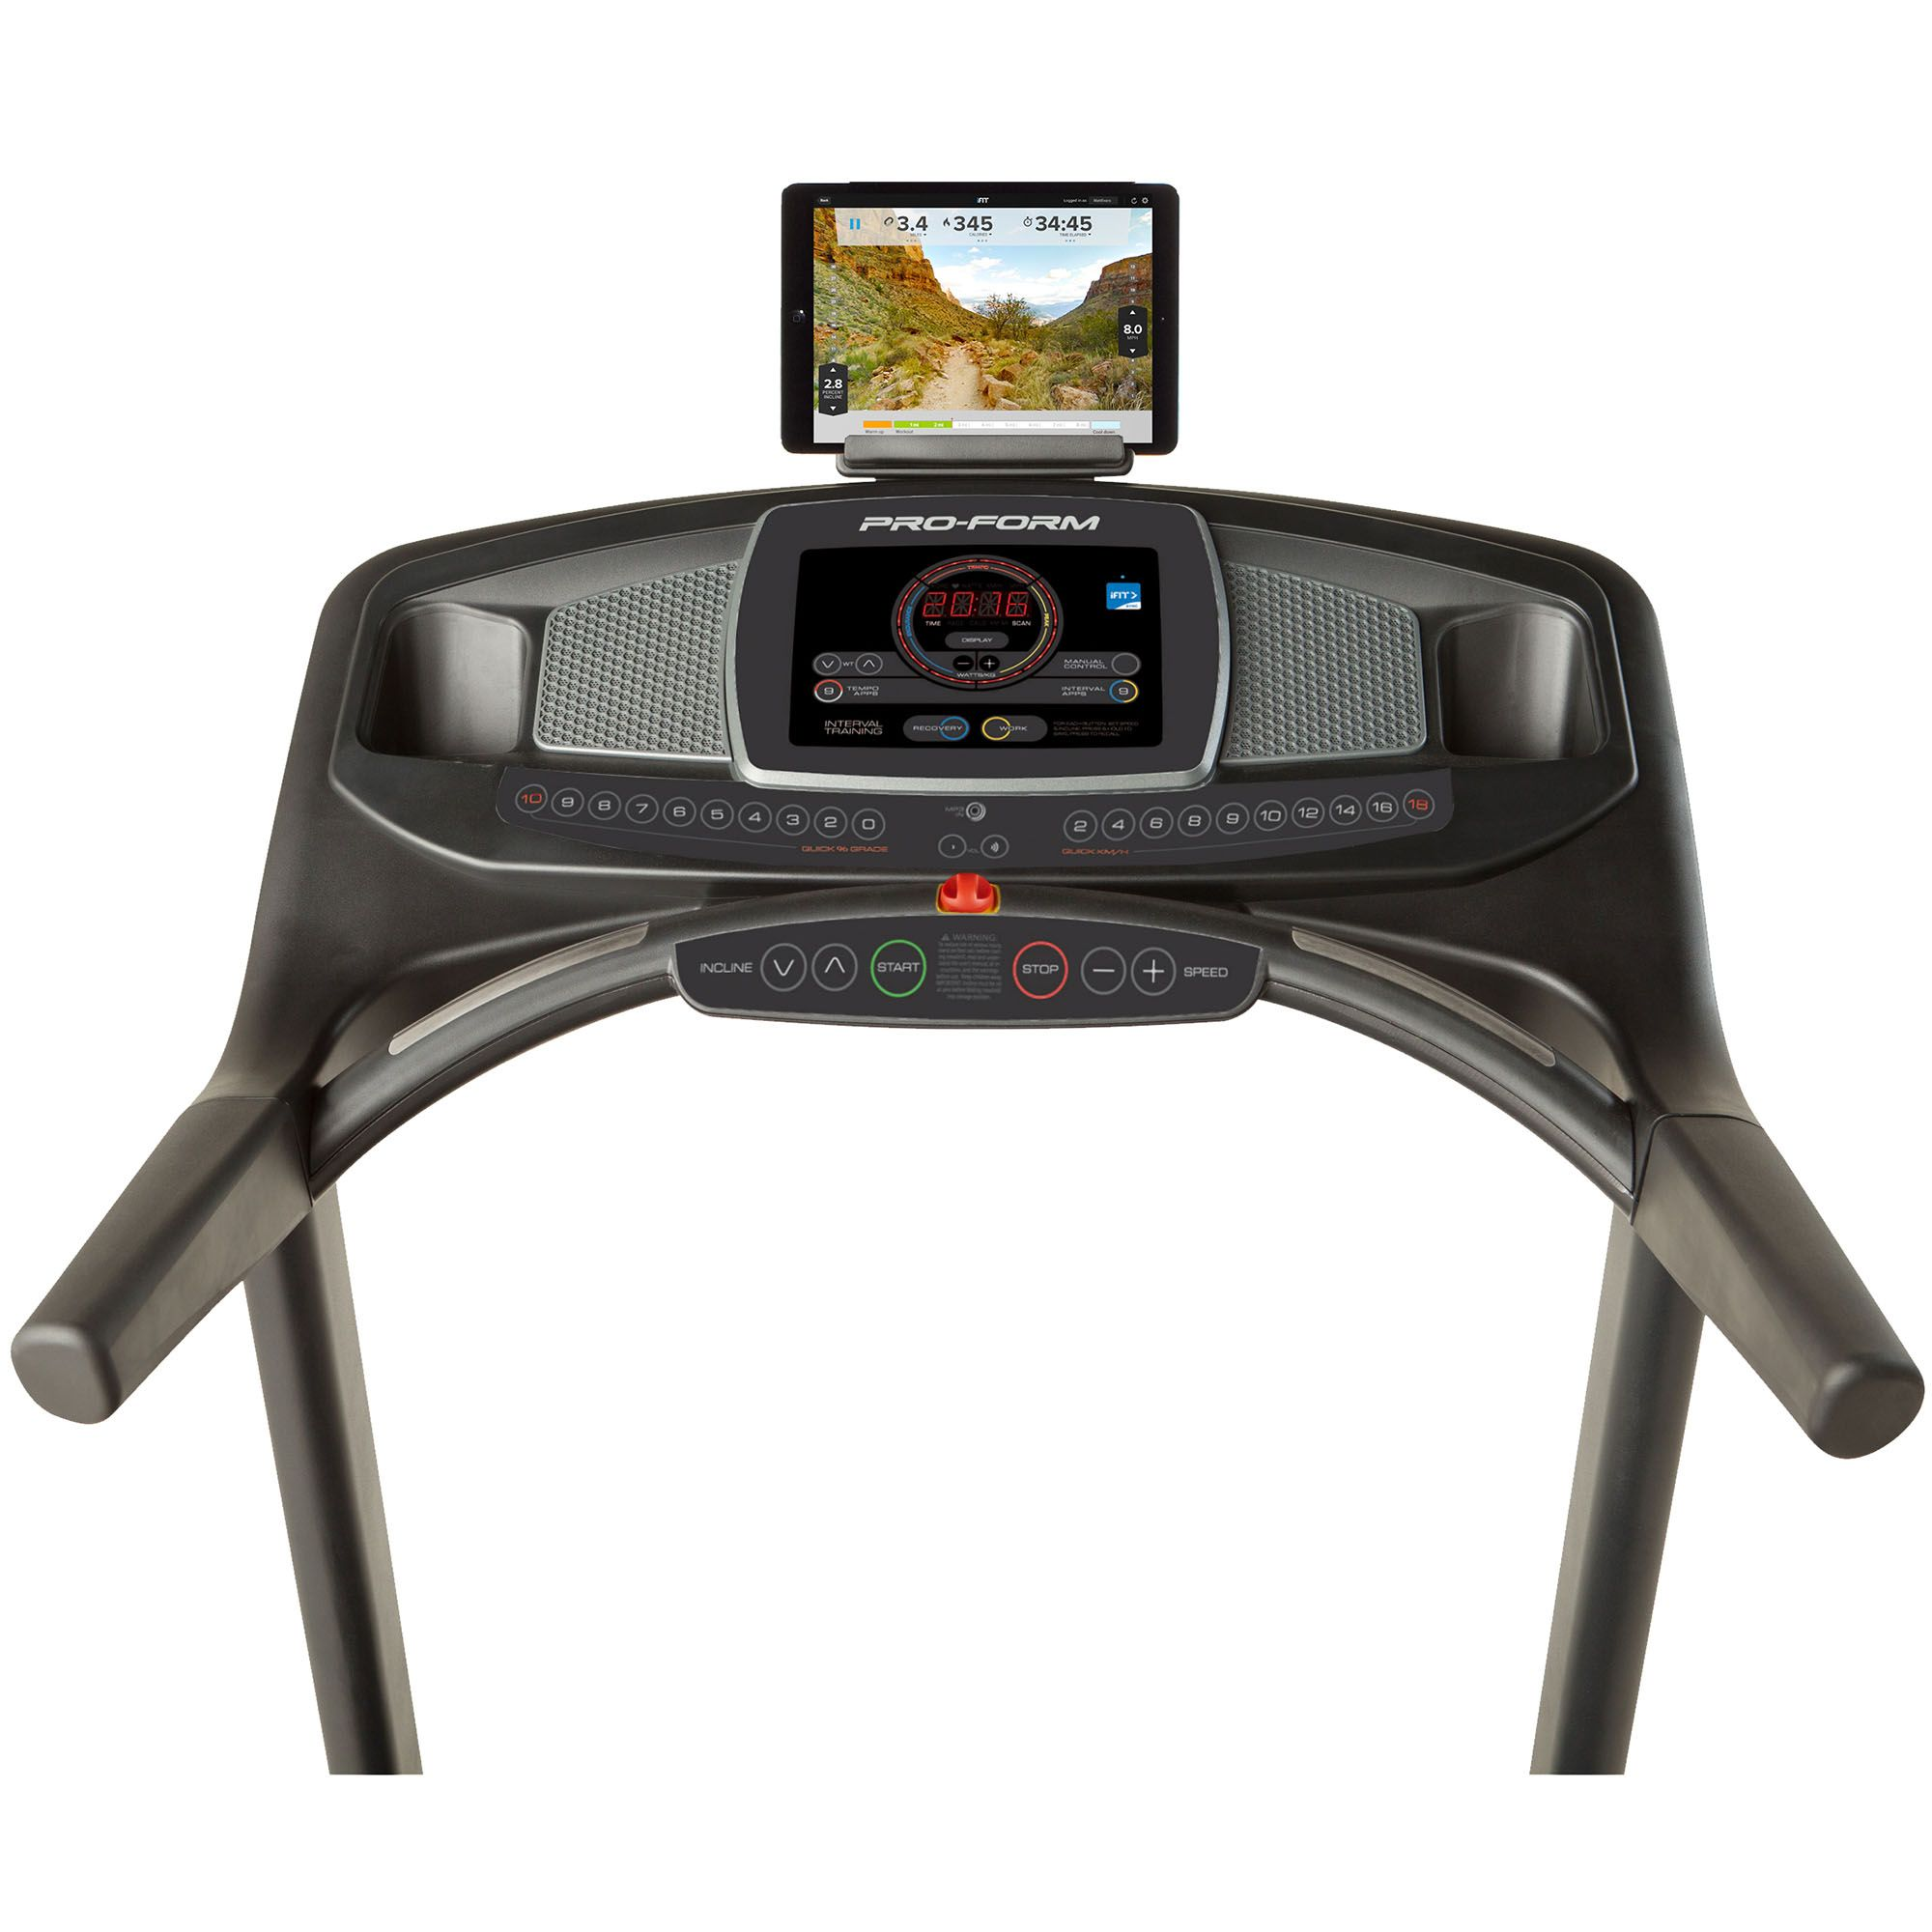 Worn Treadmill Deck: Proform Performance 410i Treadmill